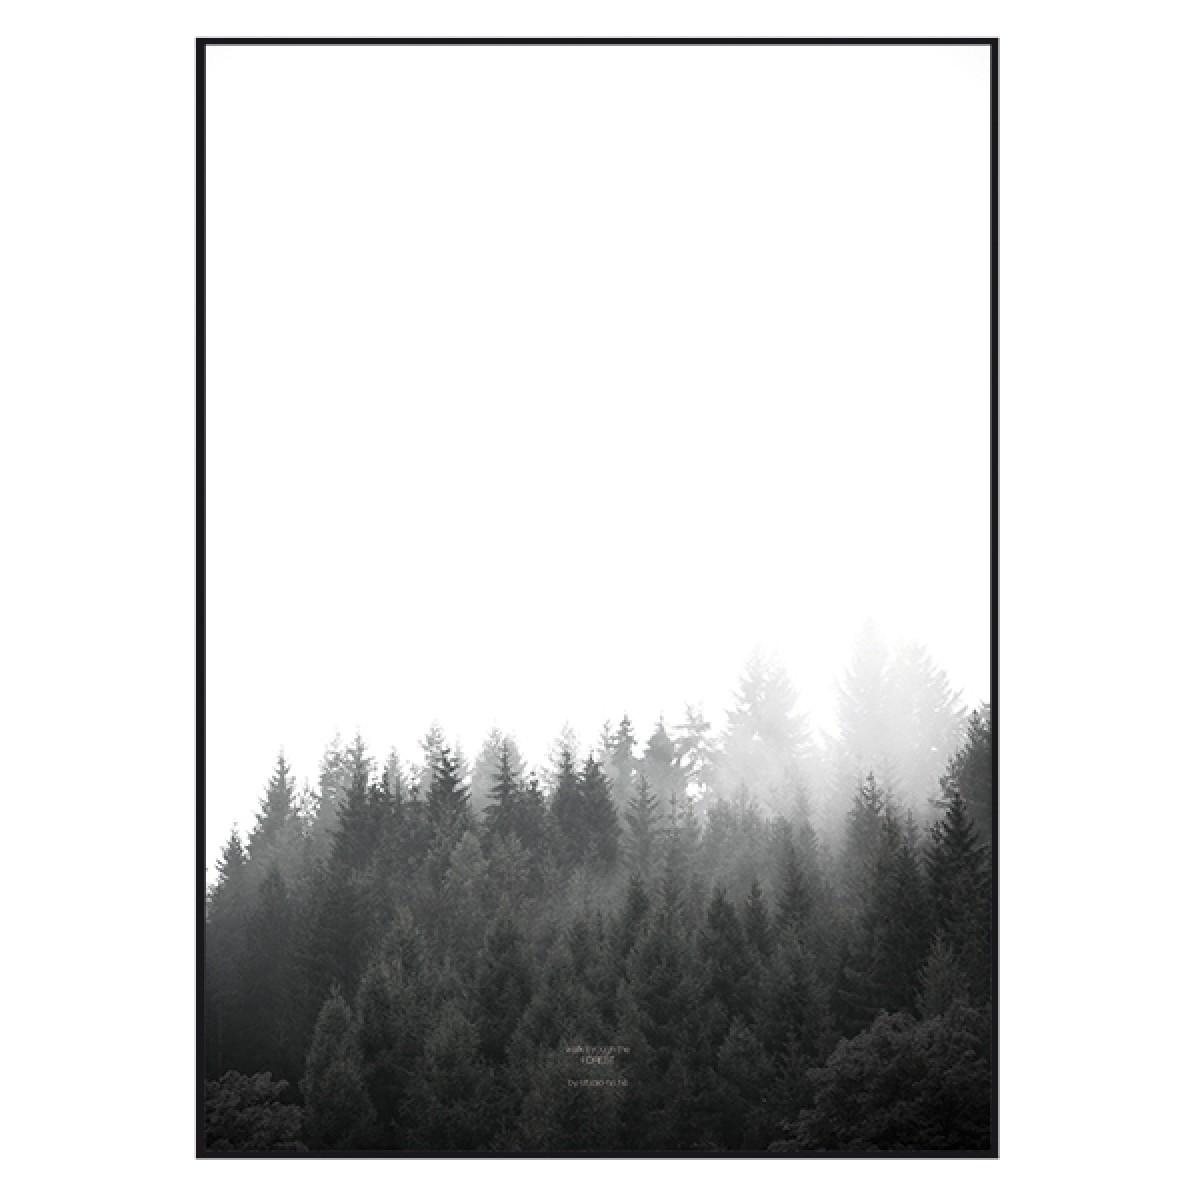 """nahili ARTPRINT/POSTER """"walk through the FOREST"""" (DIN A1/A3 & 50x70cm) Wald Natur-Fotografie"""